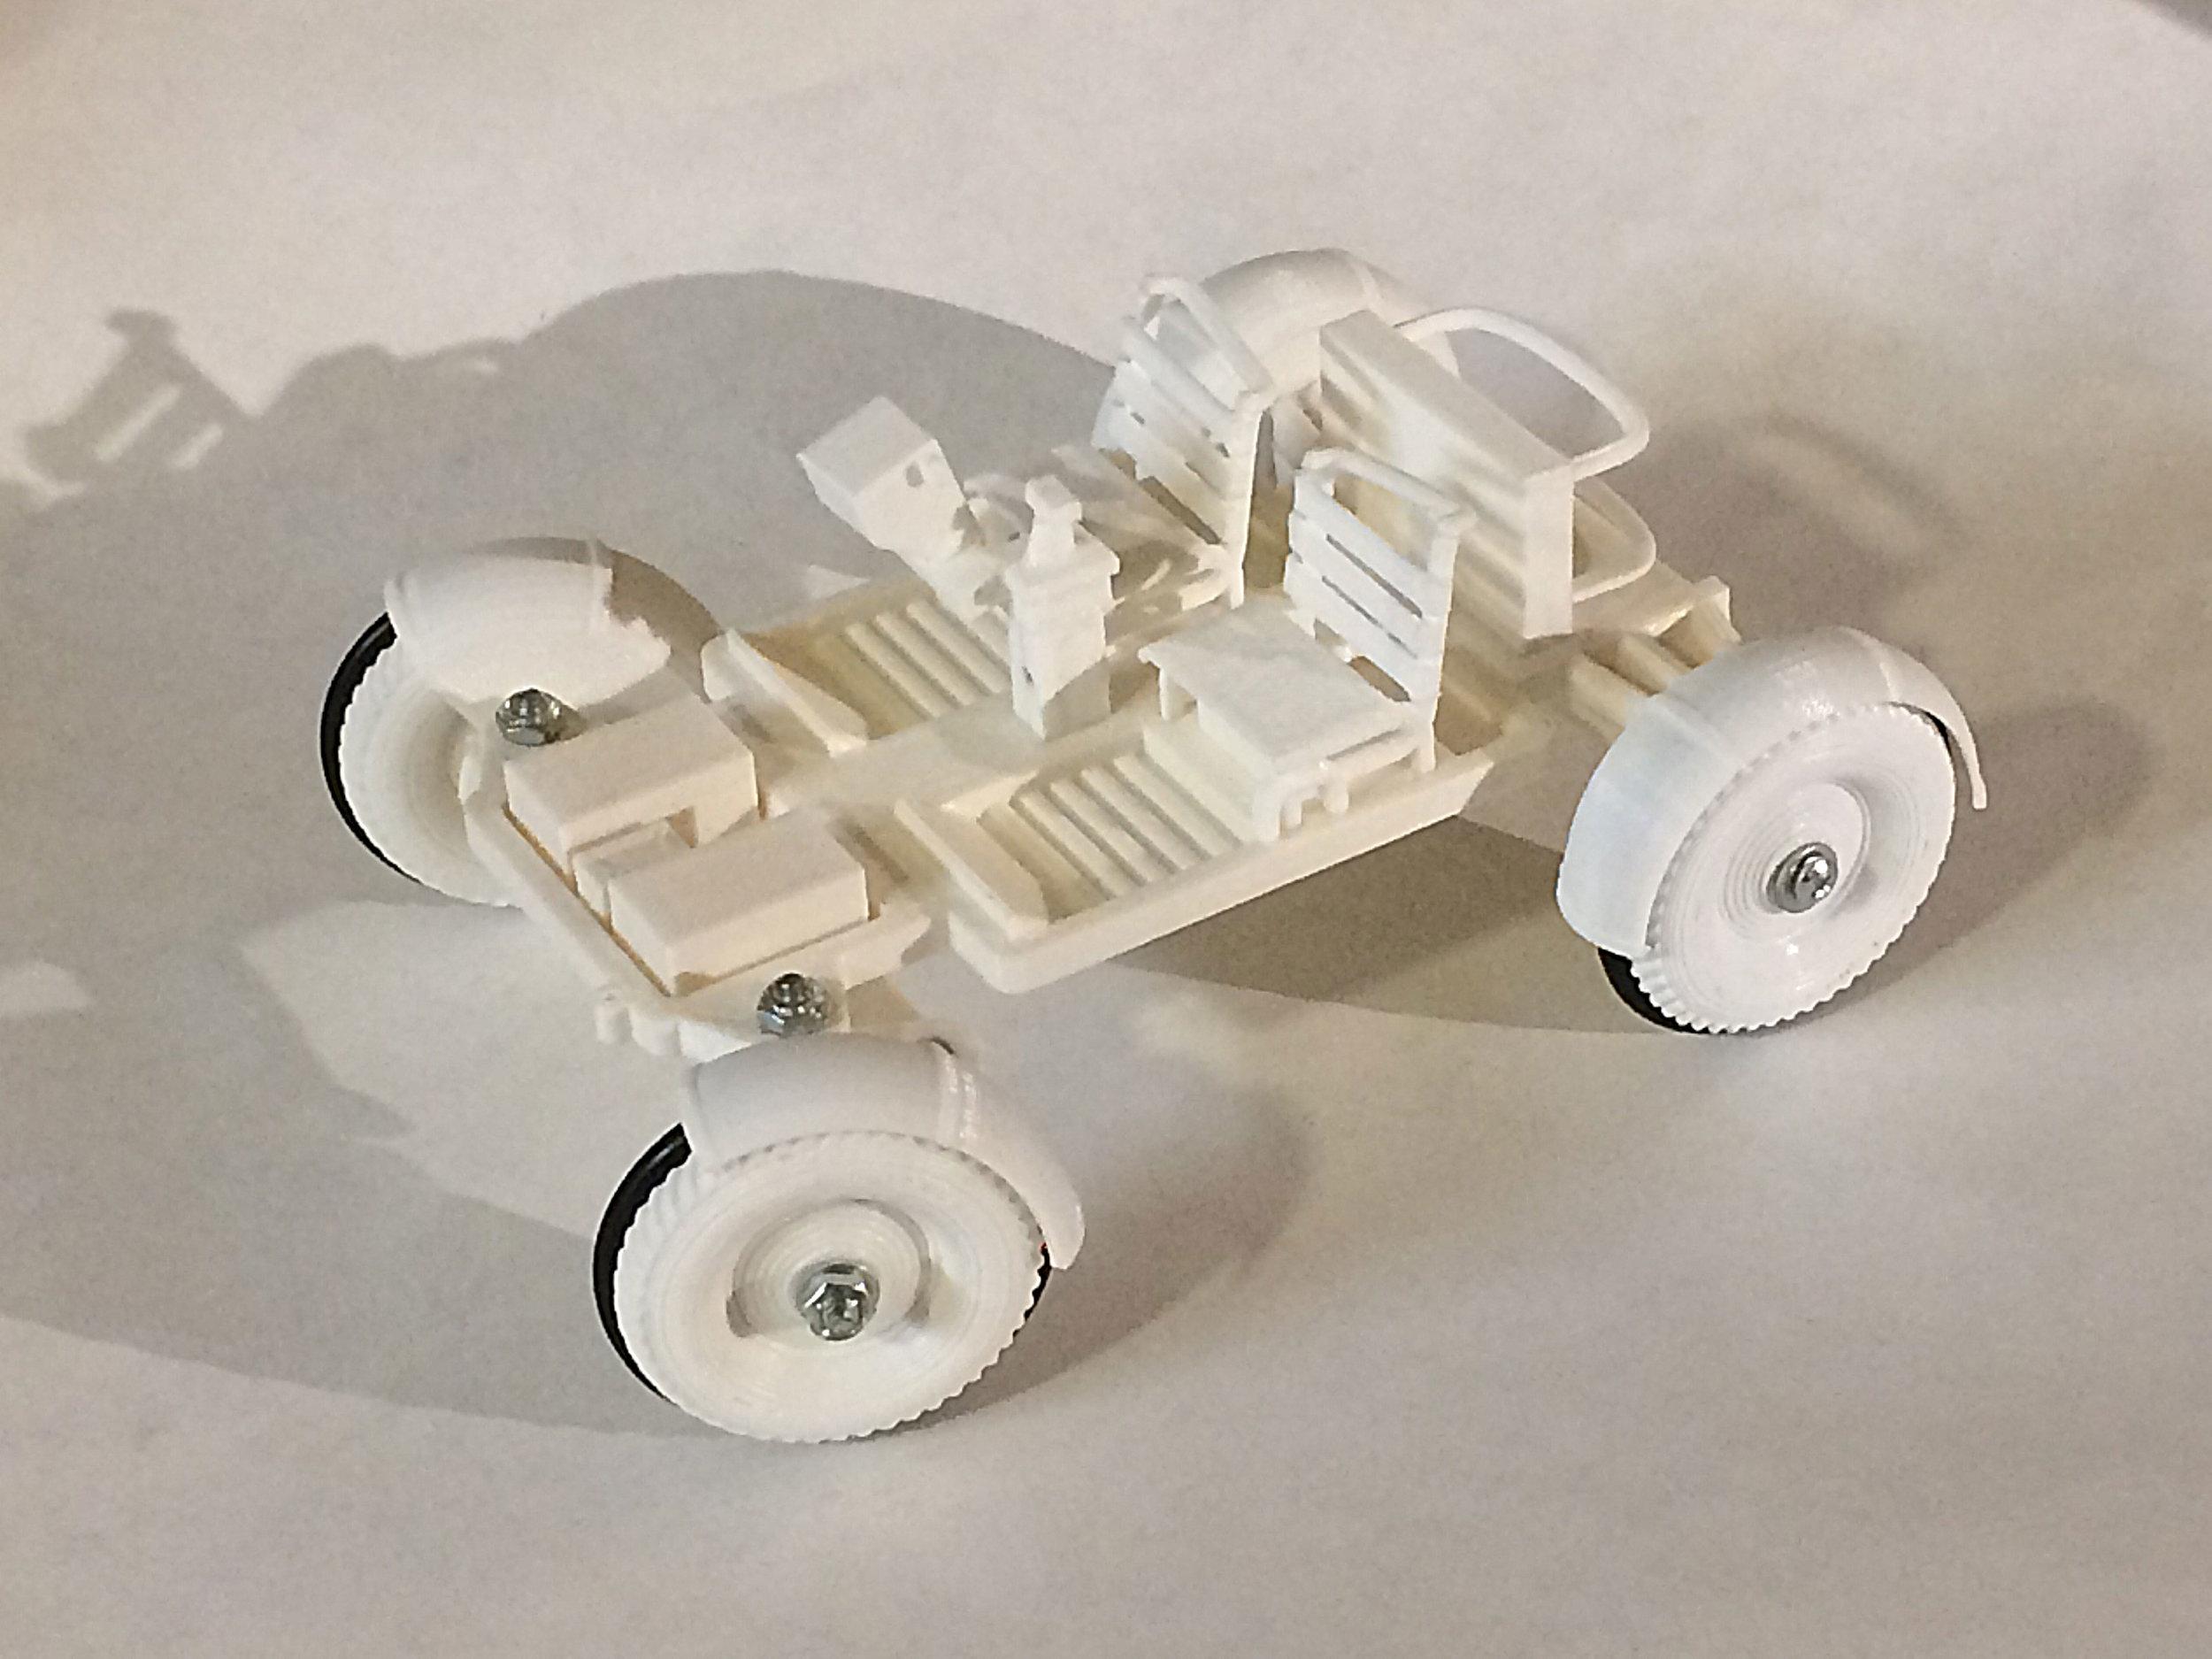 LunarRover_ModelB021519.JPG